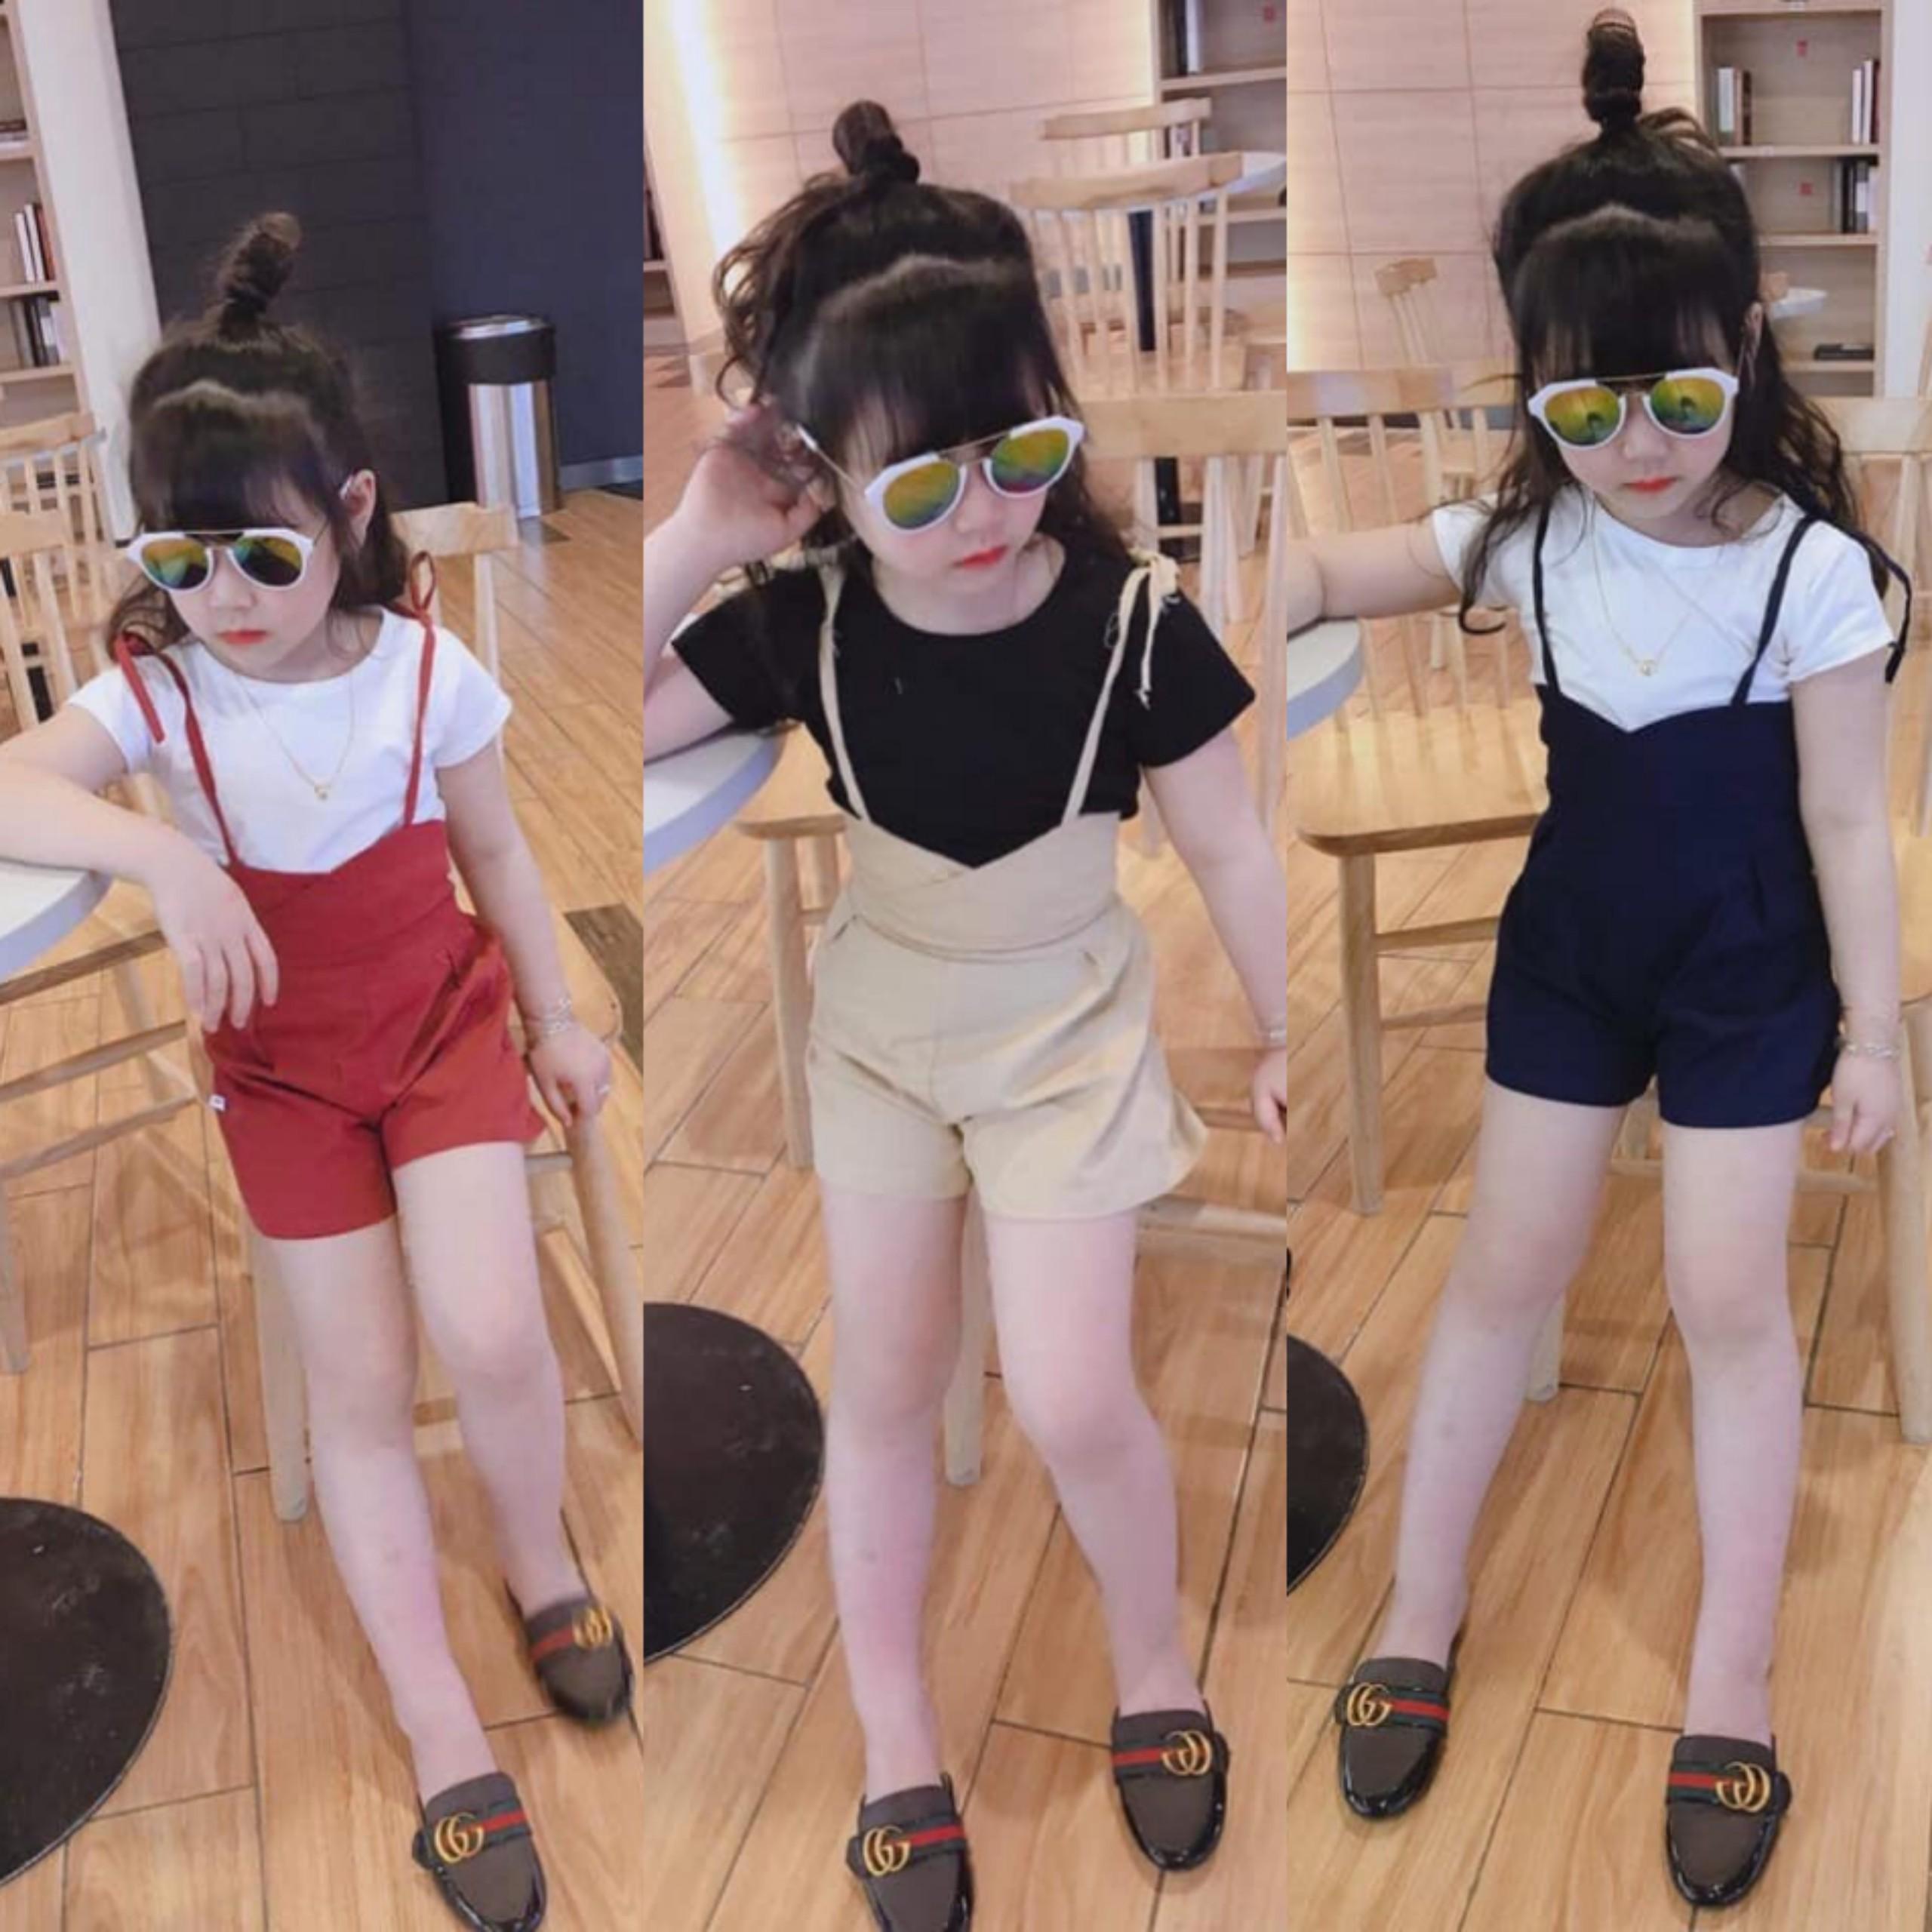 Kho buôn ]Hàng Quảng Châu xuất Hàn chuẩn xịn, set áo quần yếm cho bé gái,  bộ đồ bé gái, váy đầm bé gái giá rẻ 109.000₫